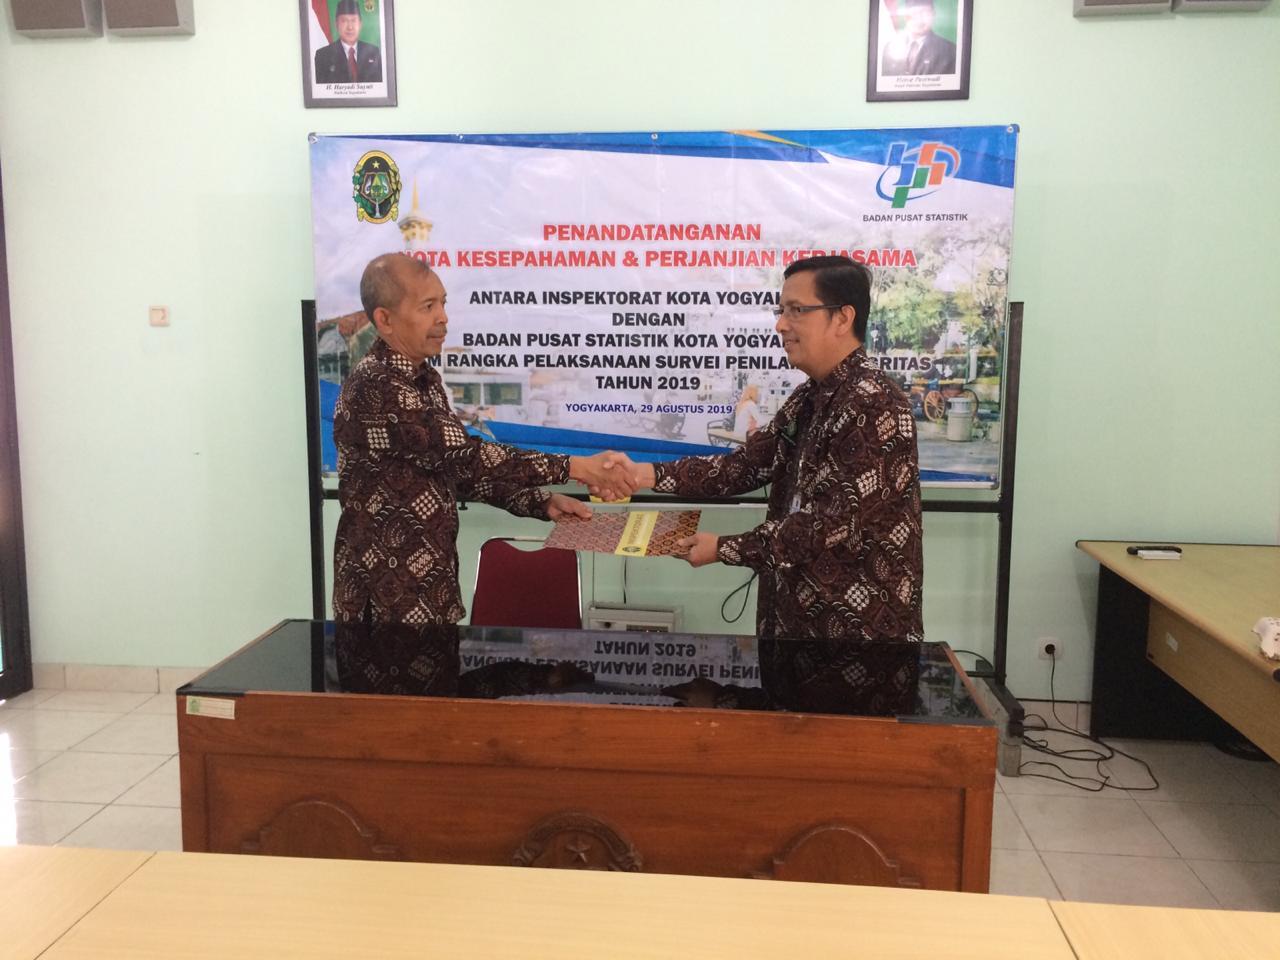 Penandatanganan Nota Kesepahaman dan Perjanjian Kerjasama Inspektorat - BPS Kota Yogyakarta